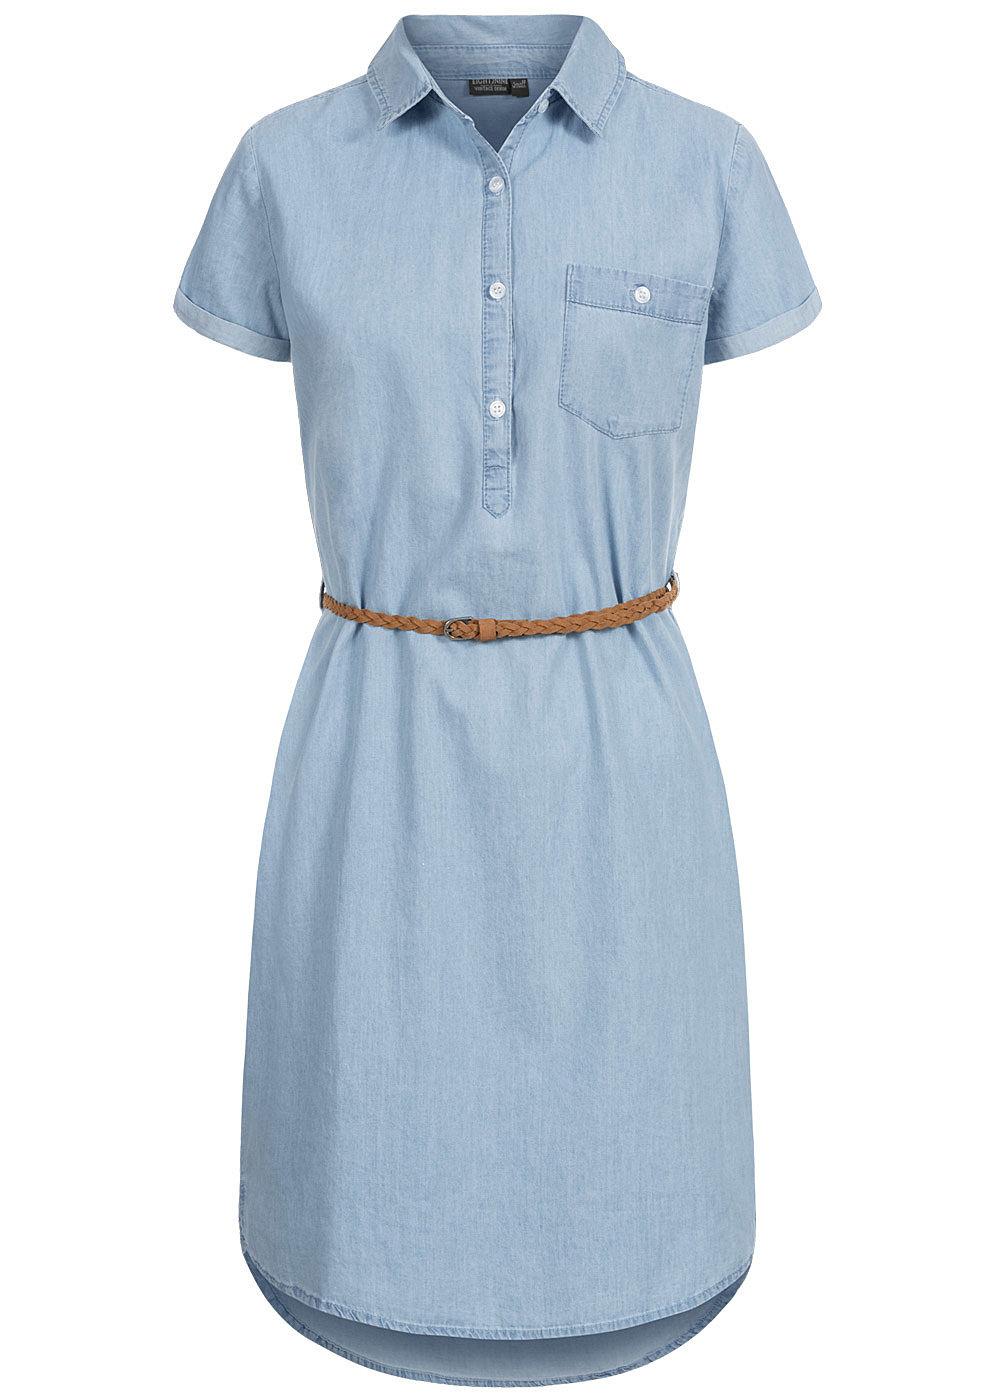 eight2nine damen denim kleid inkl. flechtgürtel knopfleiste